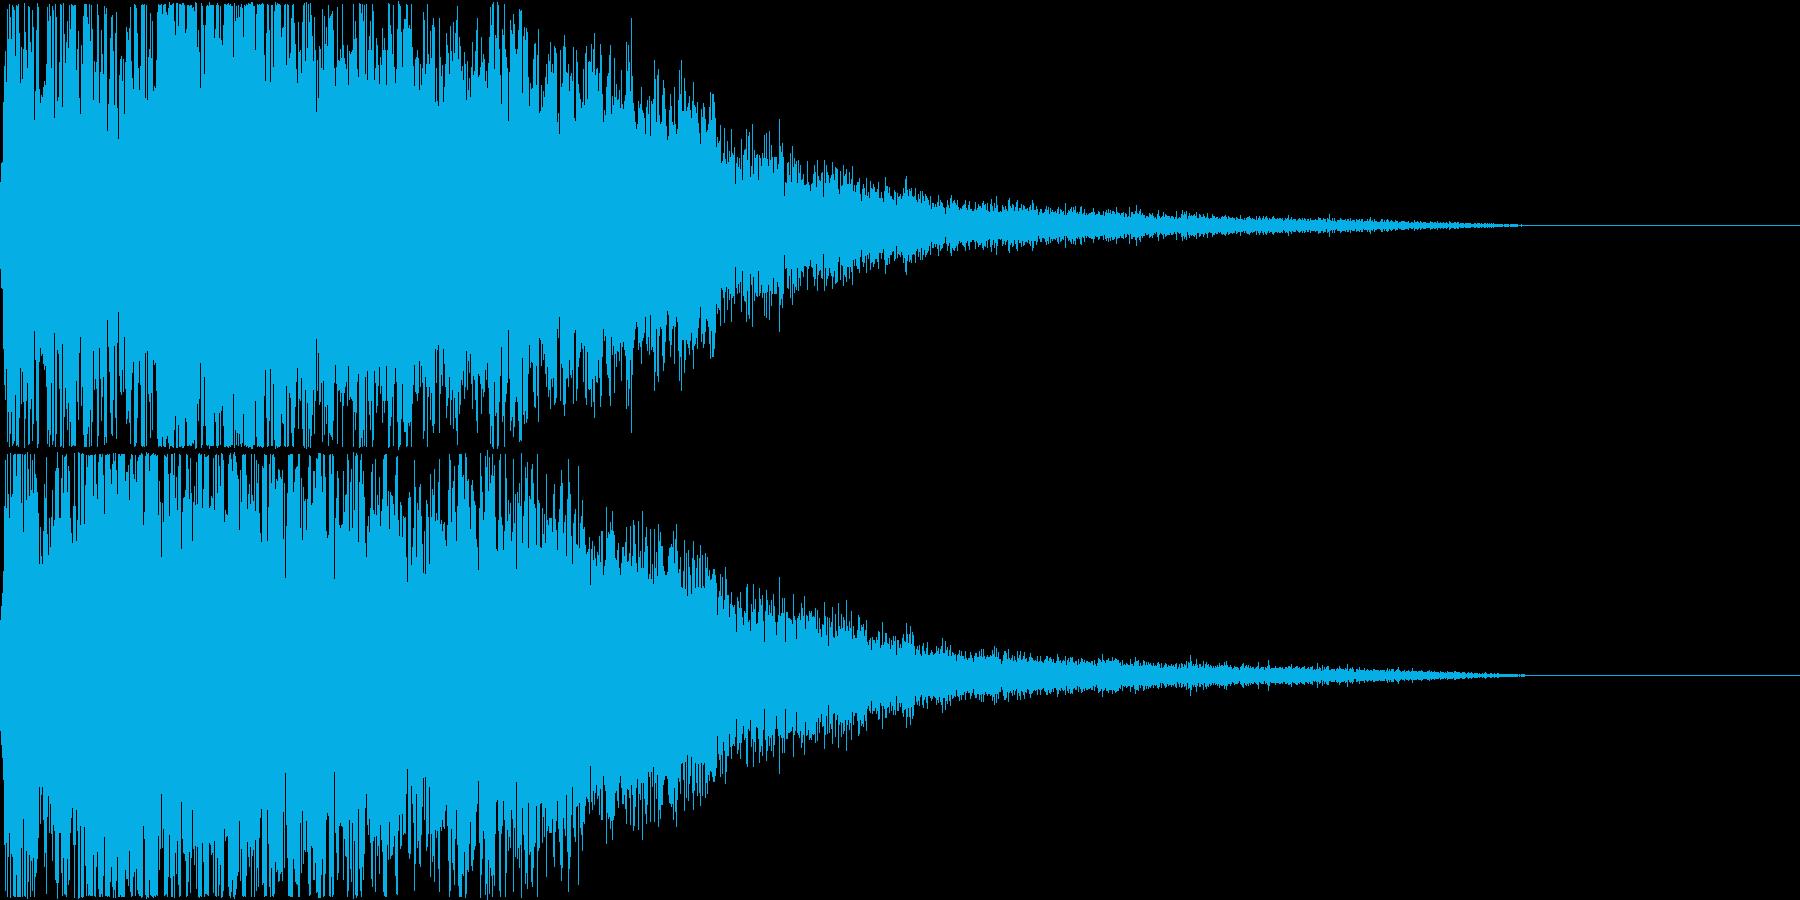 ロボット 合体 ガシーン キュイン 39の再生済みの波形